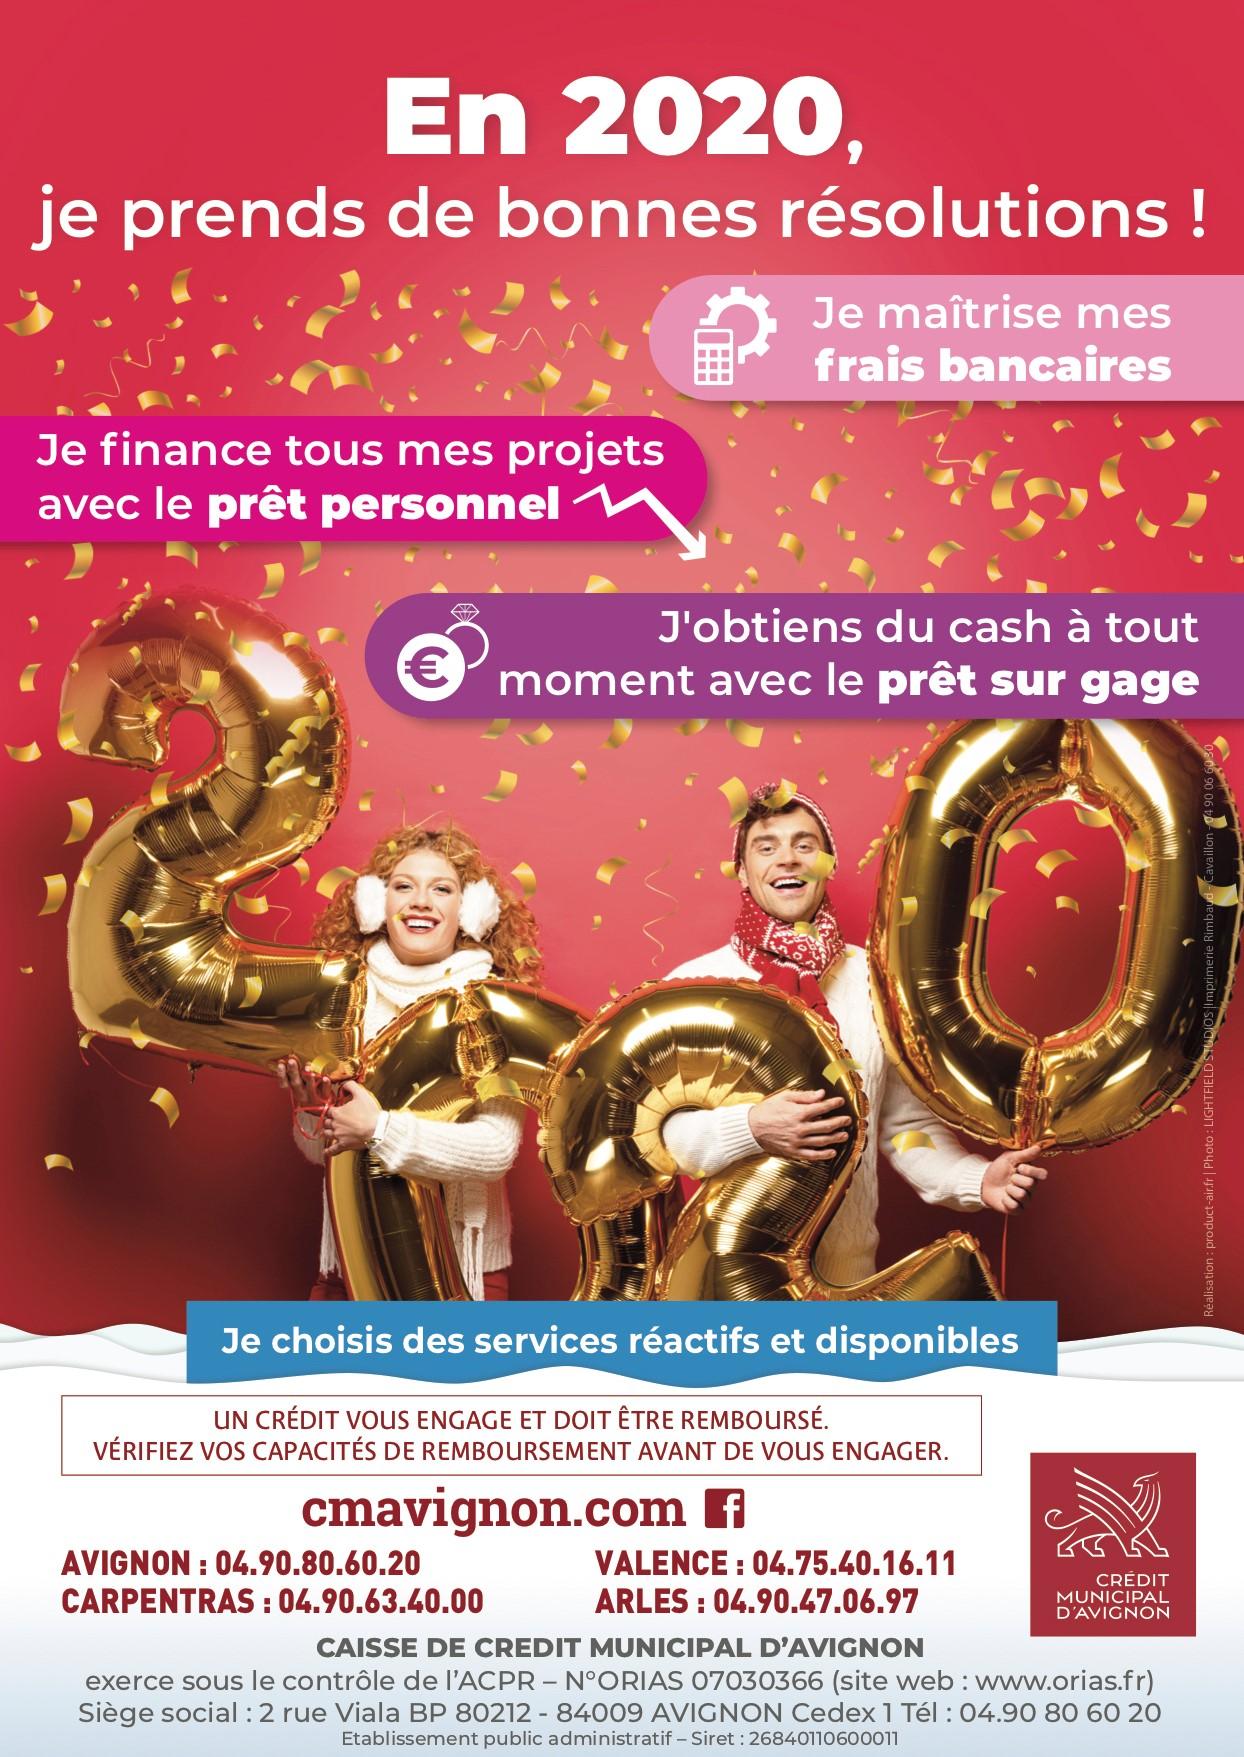 cette affiche représente un couple avec des ballons dorés représentant le nombre 2020 pour féter la nouvelle années et pour appeler à prendre de bonnes résolutions